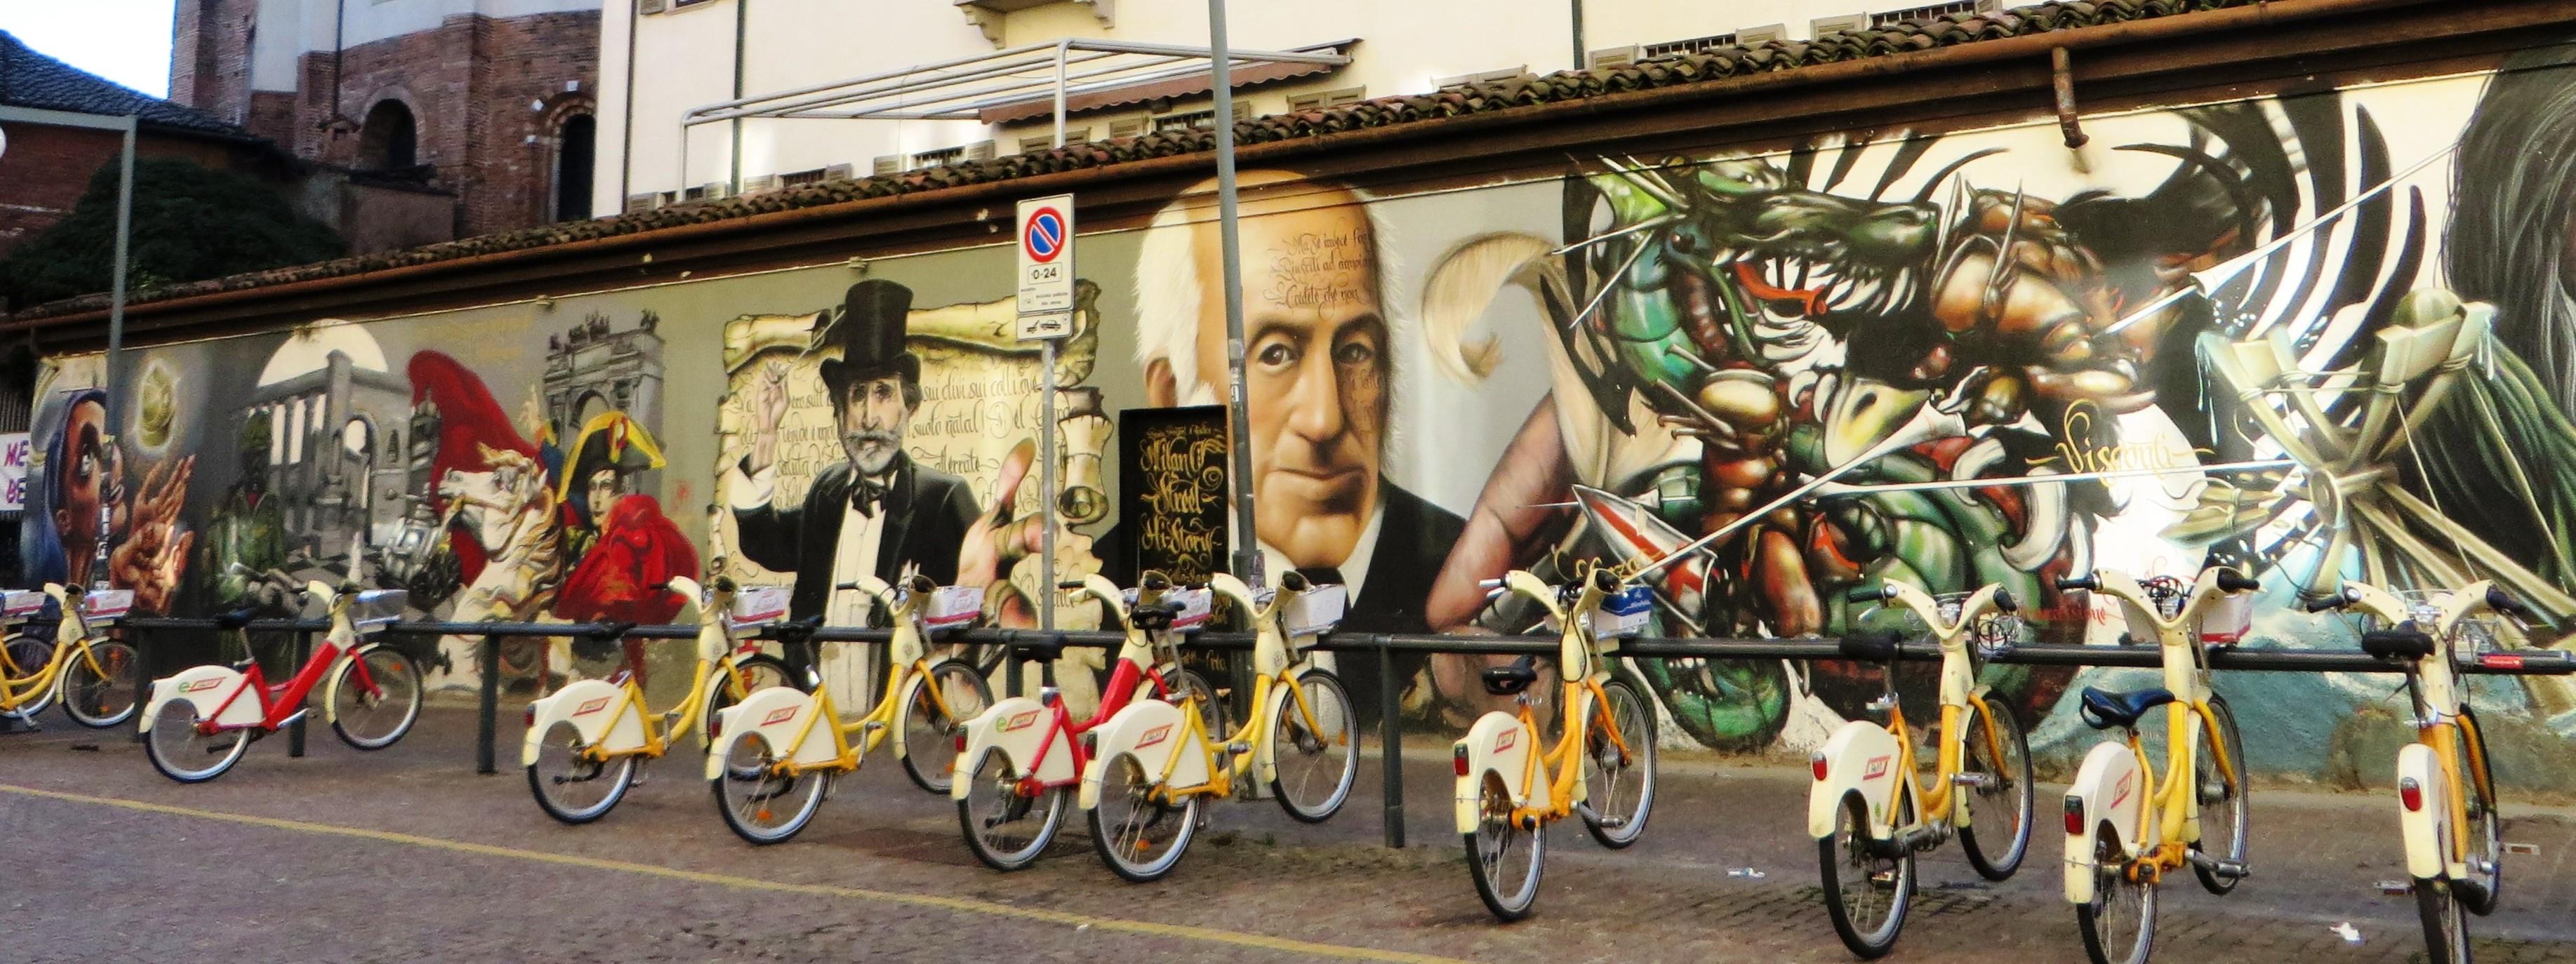 9 muralesJPG